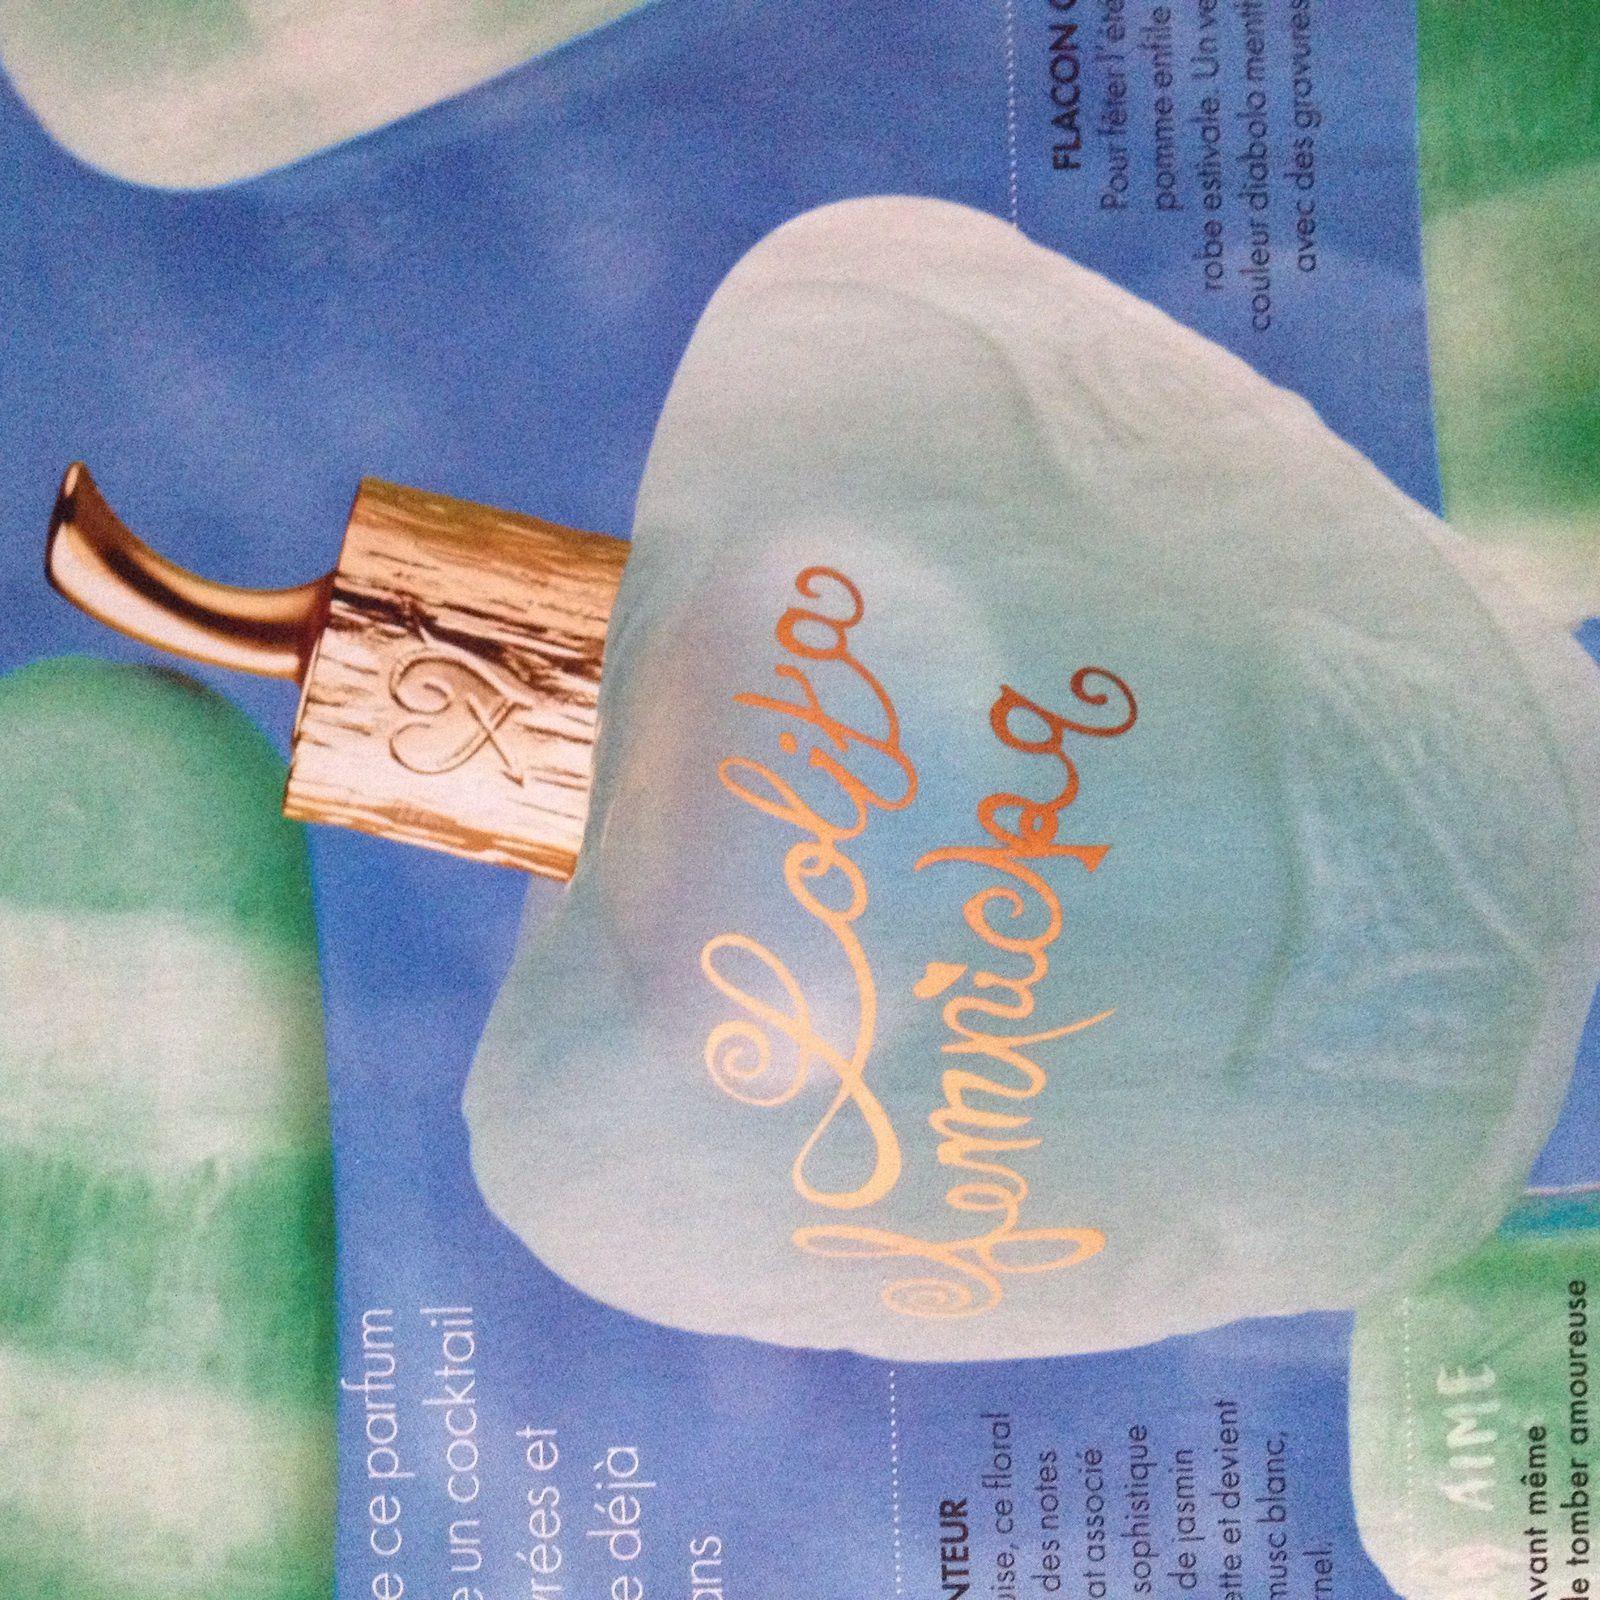 Premier Parfum Edition d'été de Lolita LEMPICKA